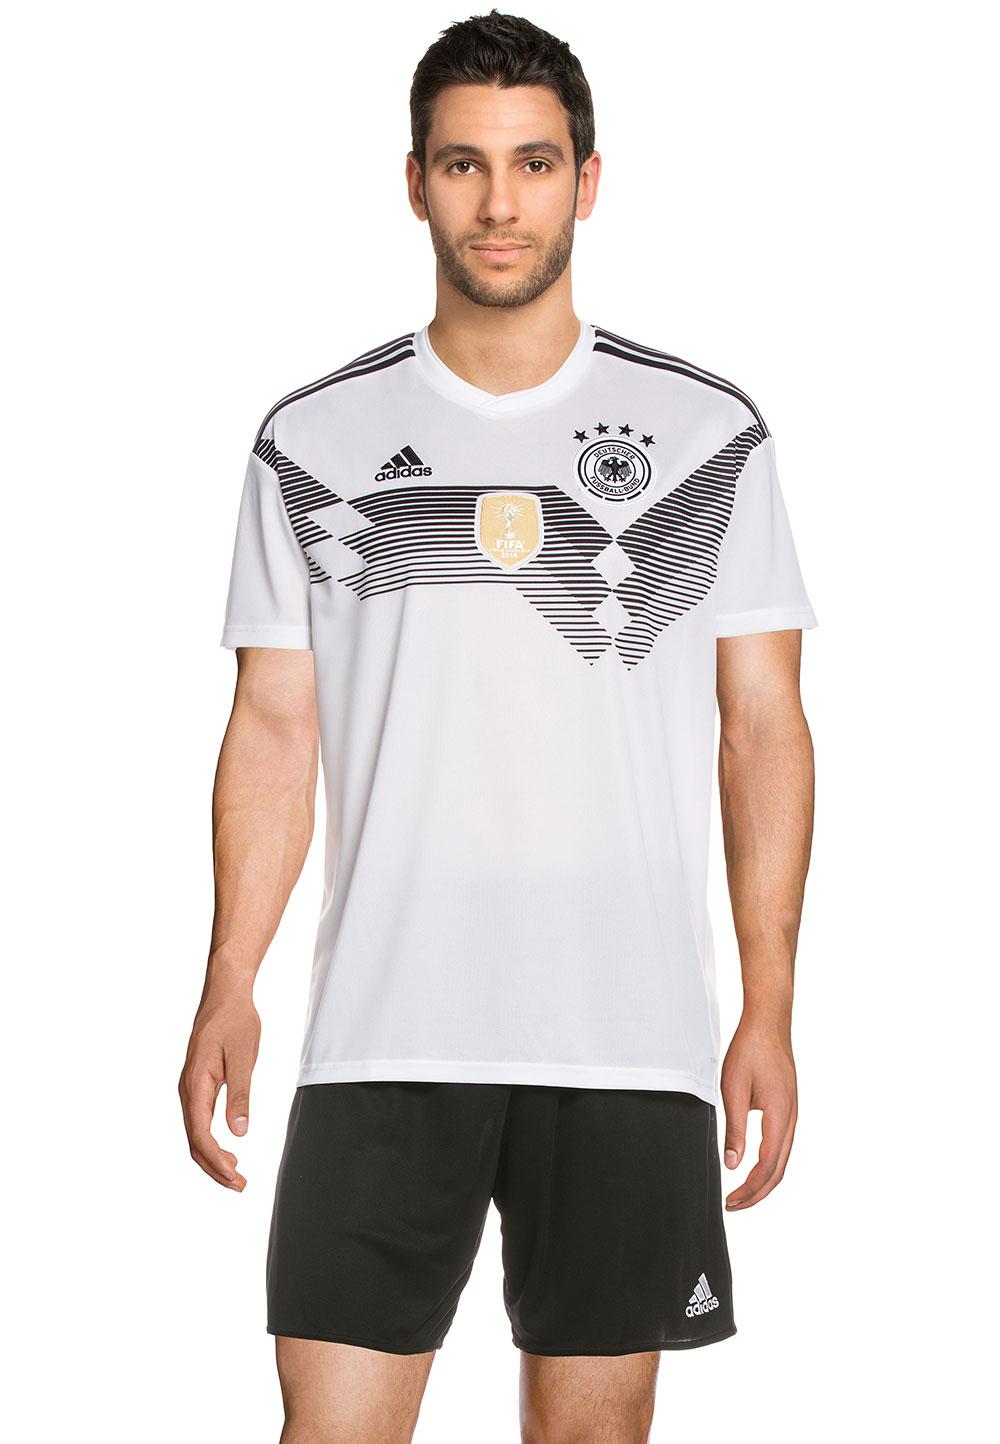 Adidas DFB Trikot WM 2018 (Größen M-XL) (Neukunden)